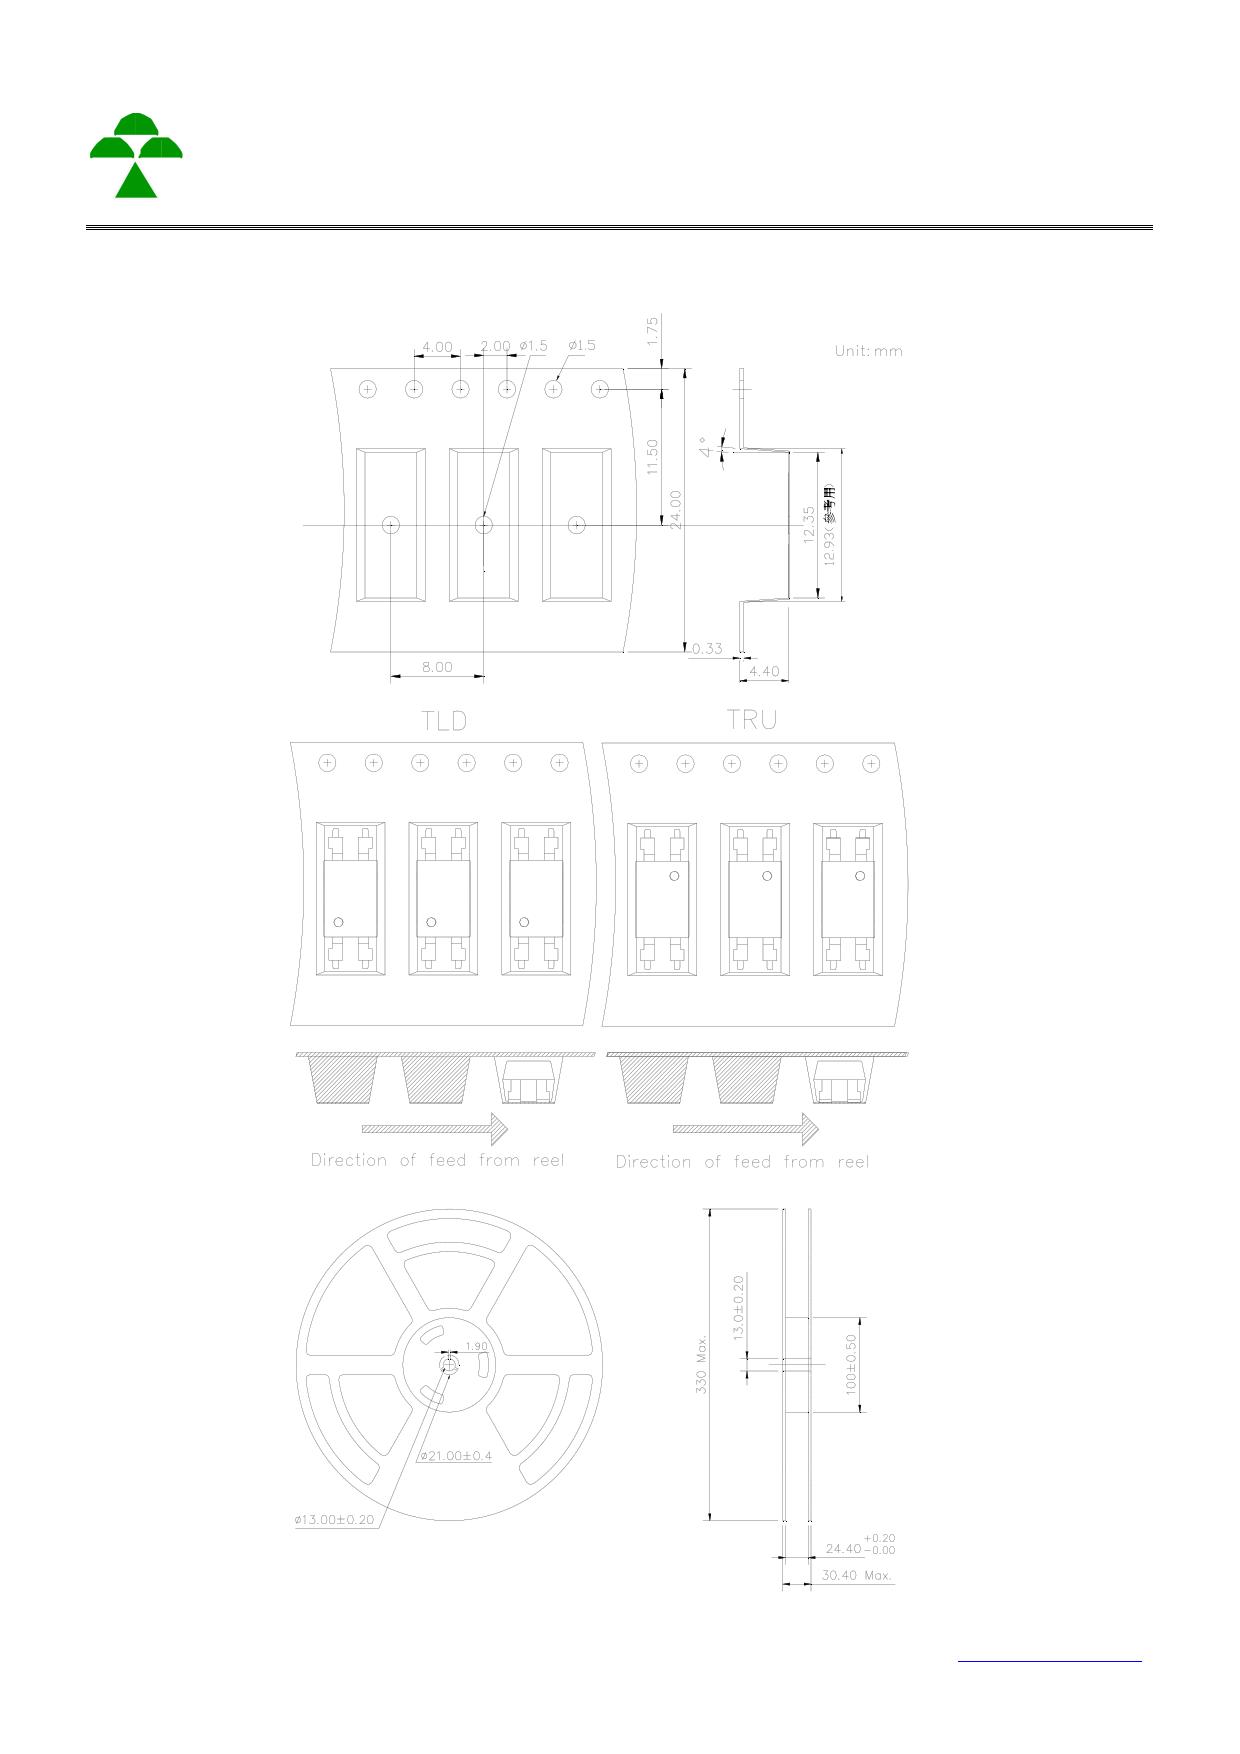 K1010Z arduino